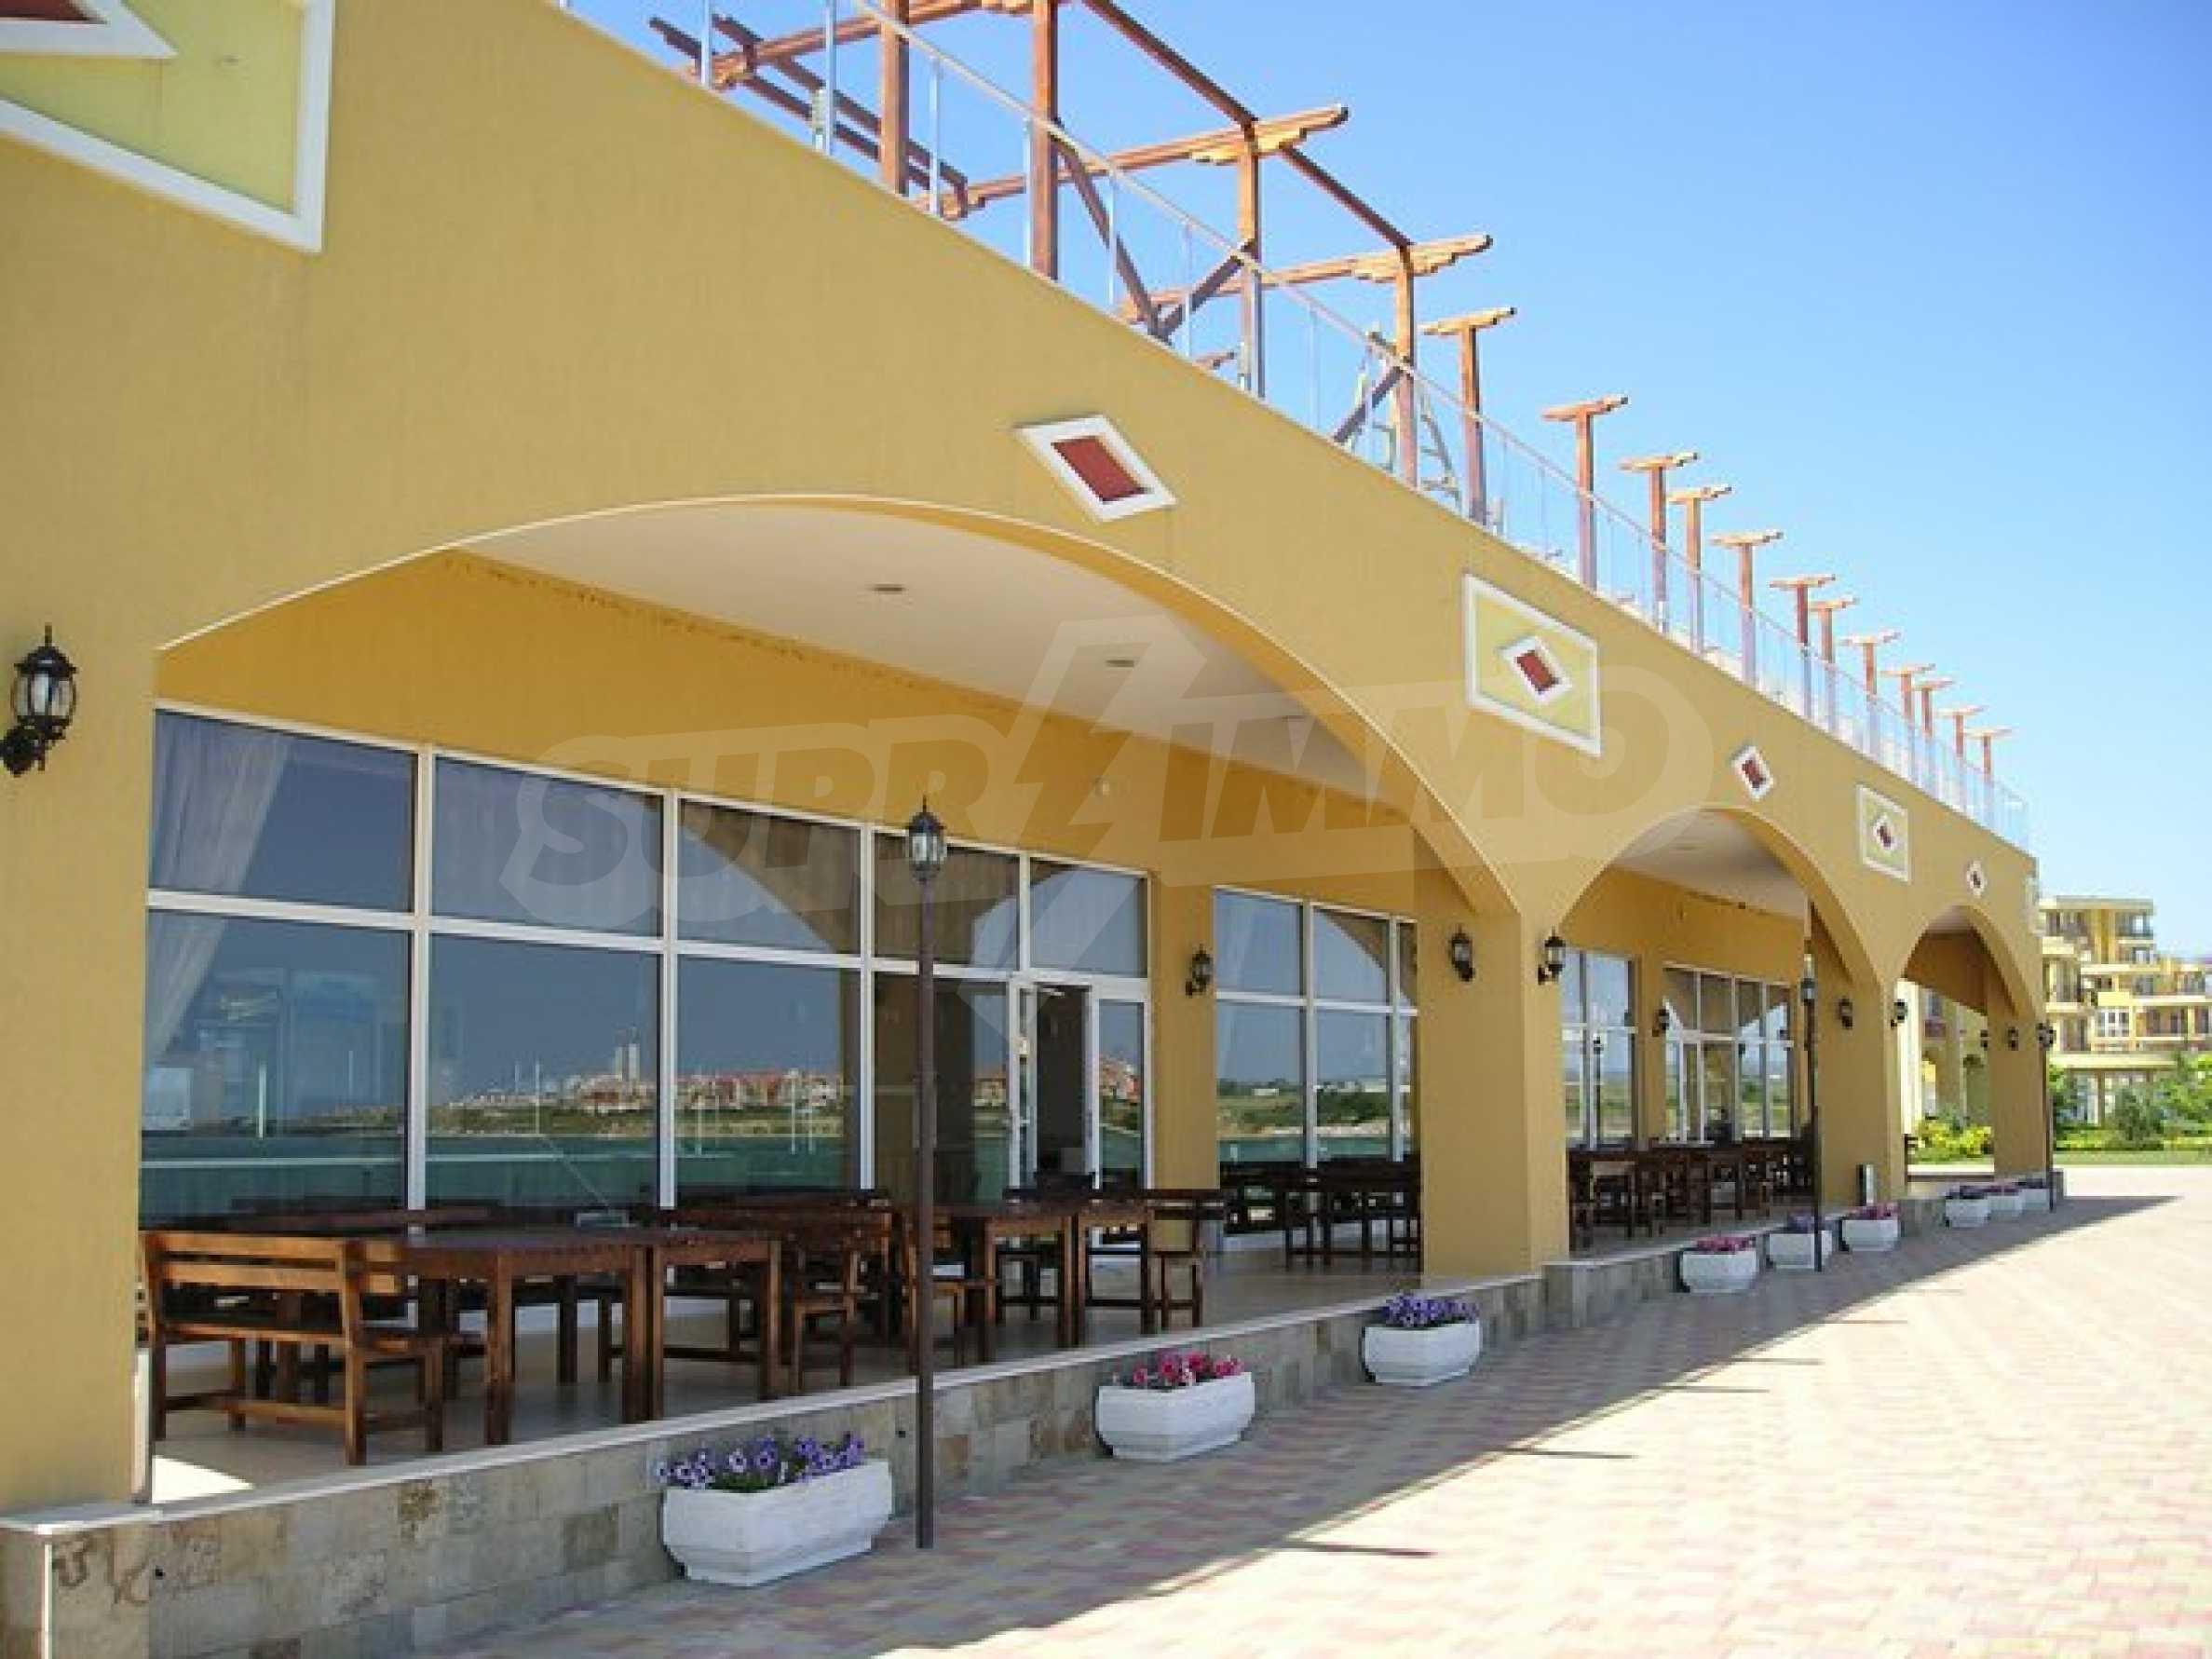 Studio zum Verkauf im Midia Grand Resort in Aheloy 37